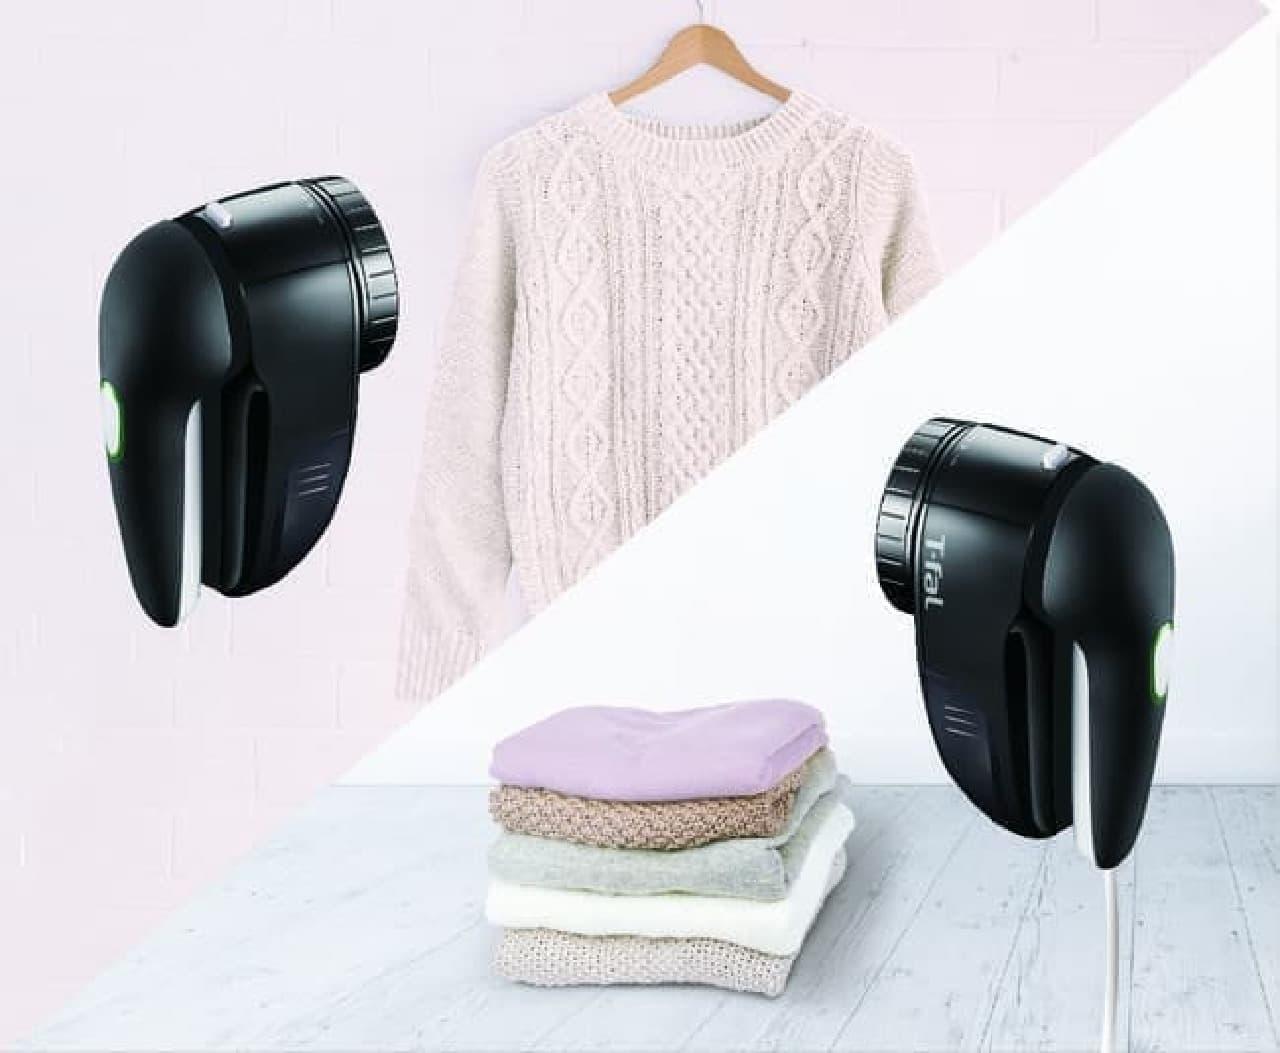 衣類の風合いも守るティファール「充電式毛玉クリーナー」 -- 毛布やカーペットの手入れにも